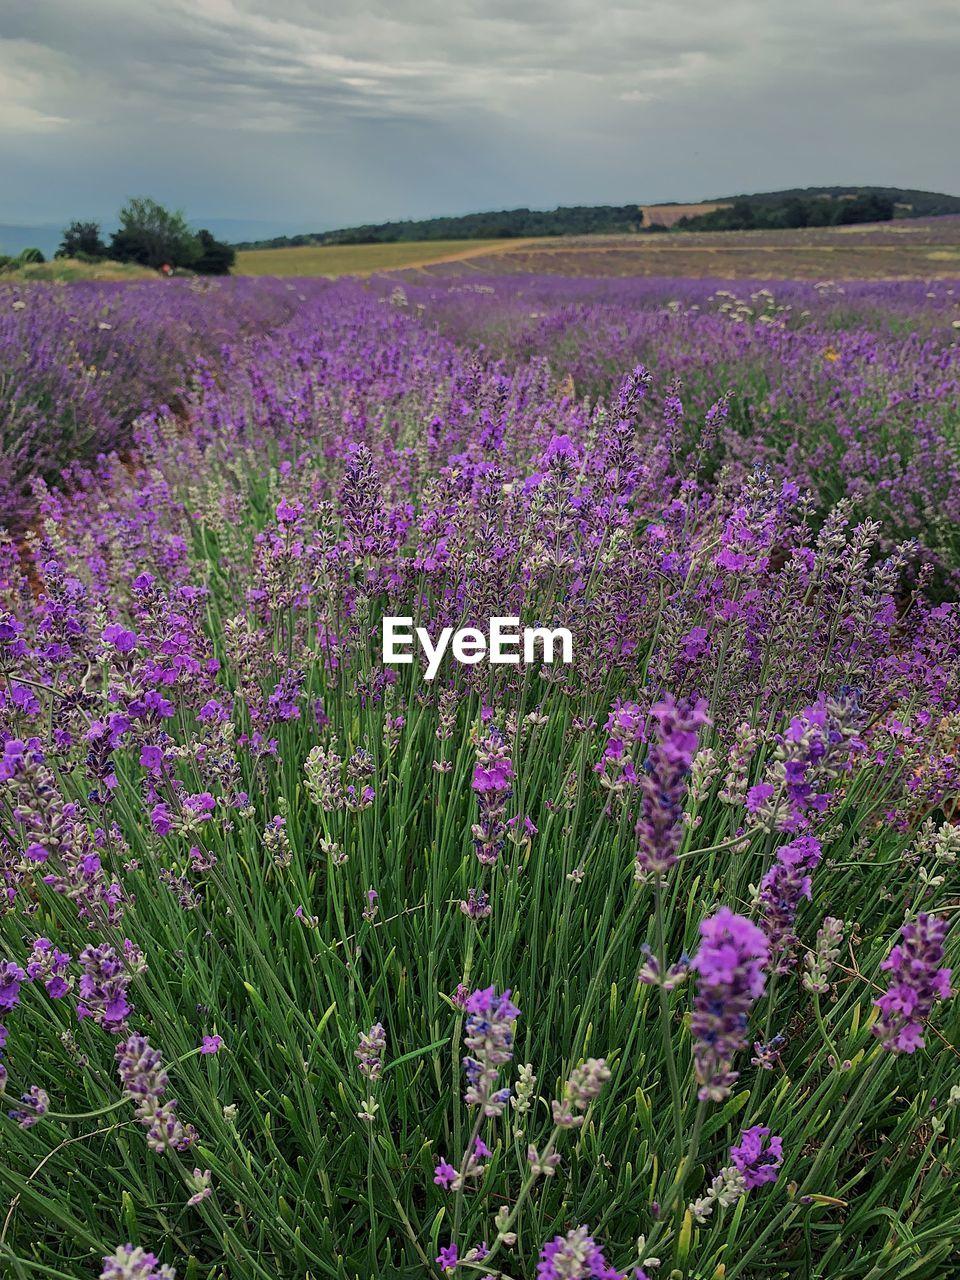 PURPLE FLOWERING PLANTS ON FIELD BY LAND